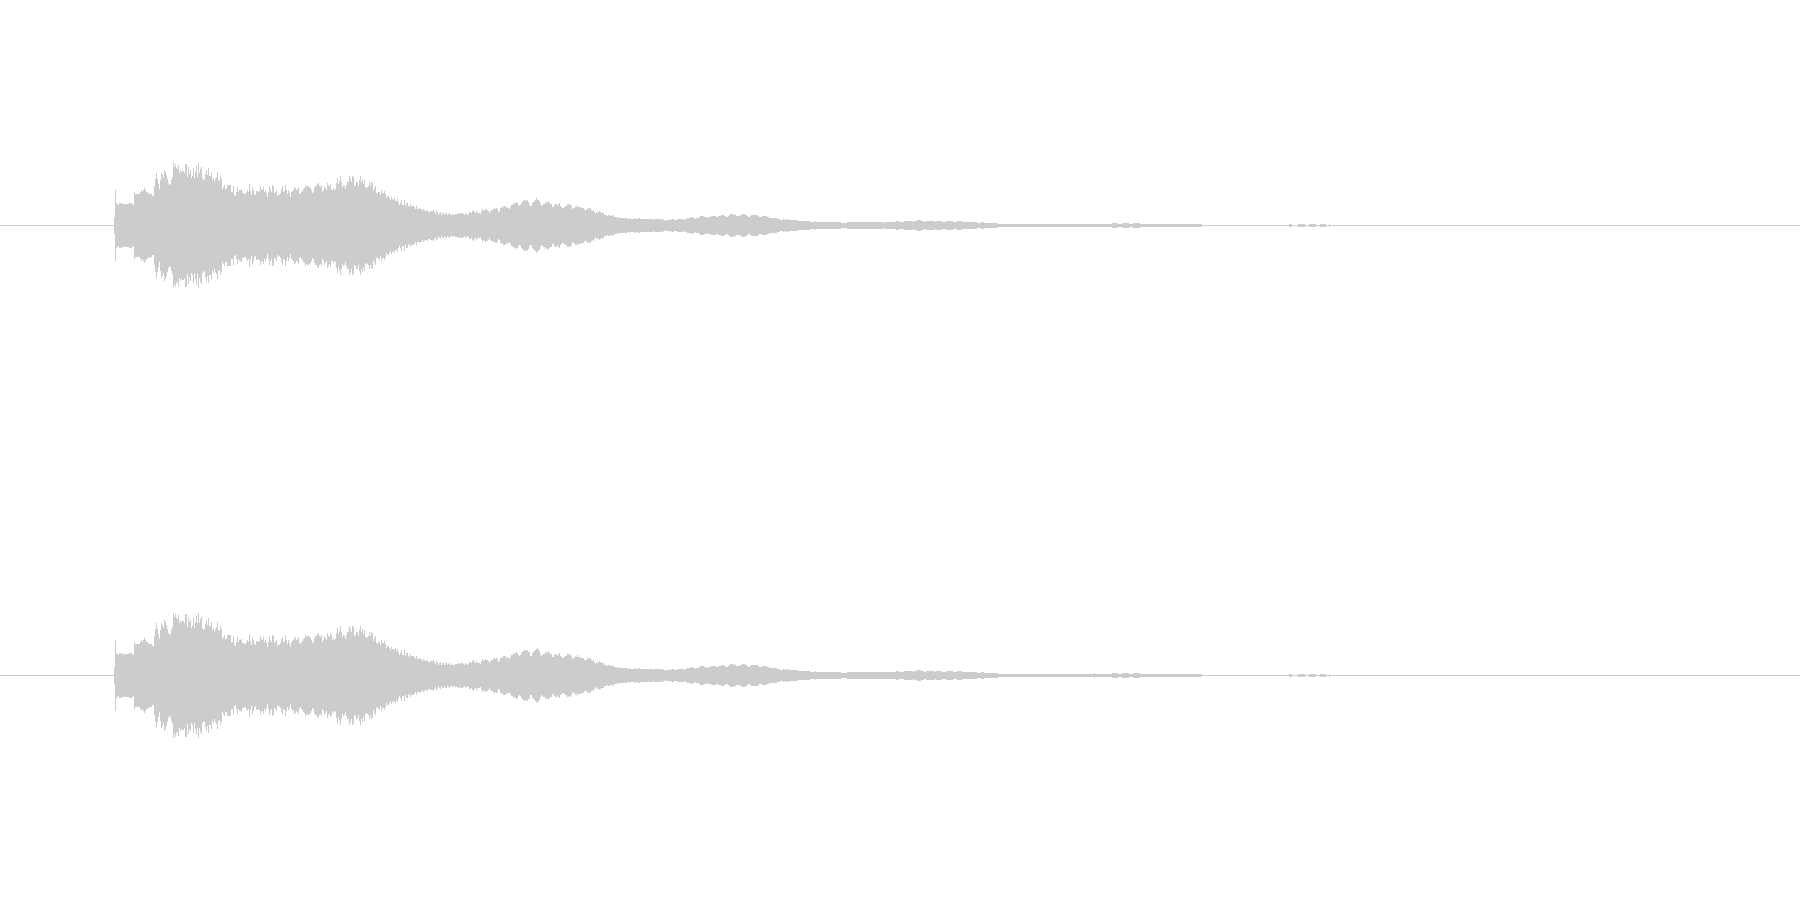 キラリン(アイテム発見、星、ひらめき)の未再生の波形